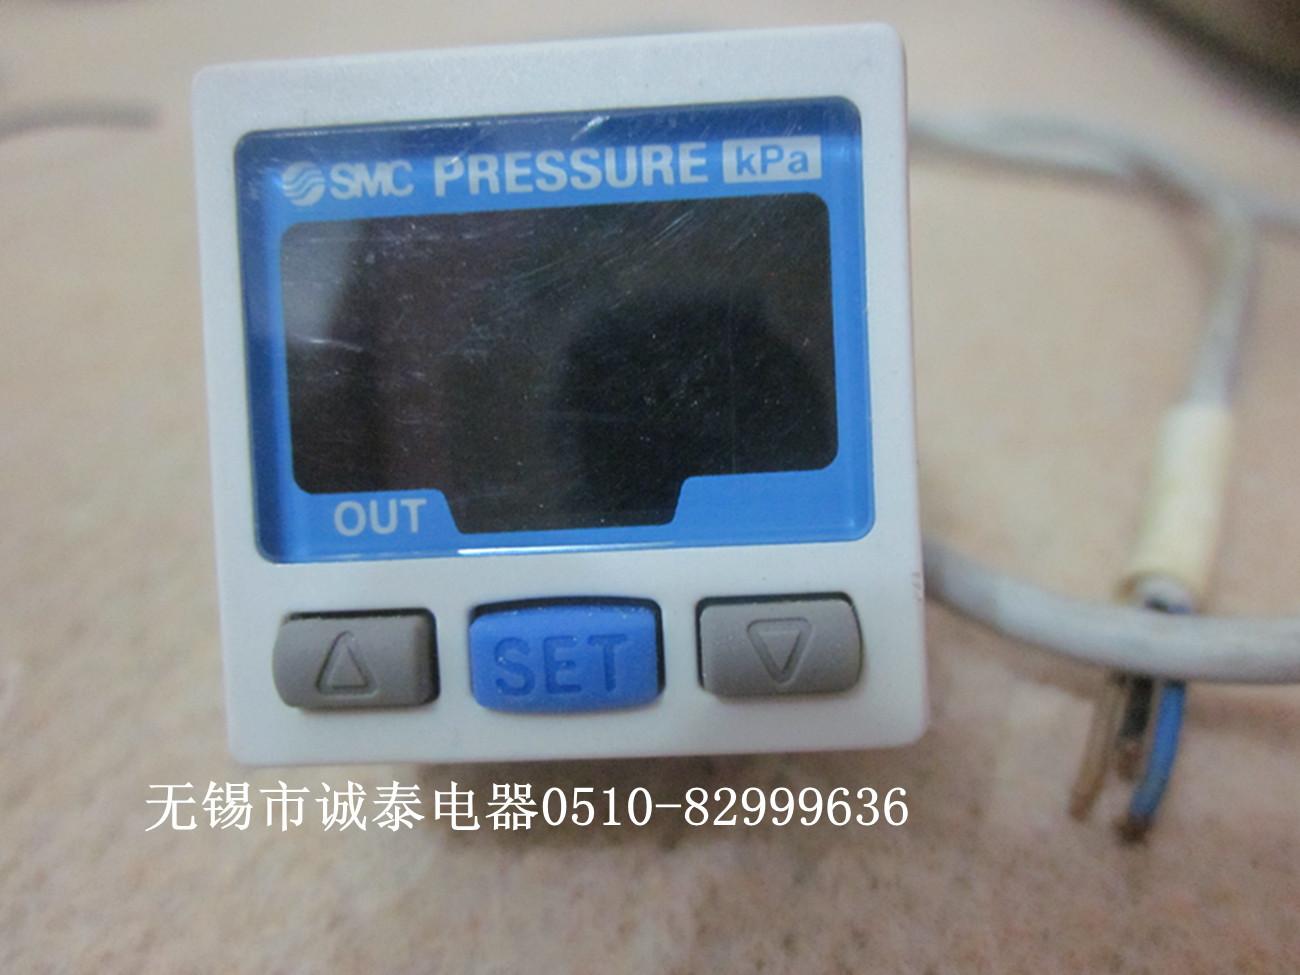 「GEMAXの規格品」ZSE30-01-25 SMCデジタル圧力計